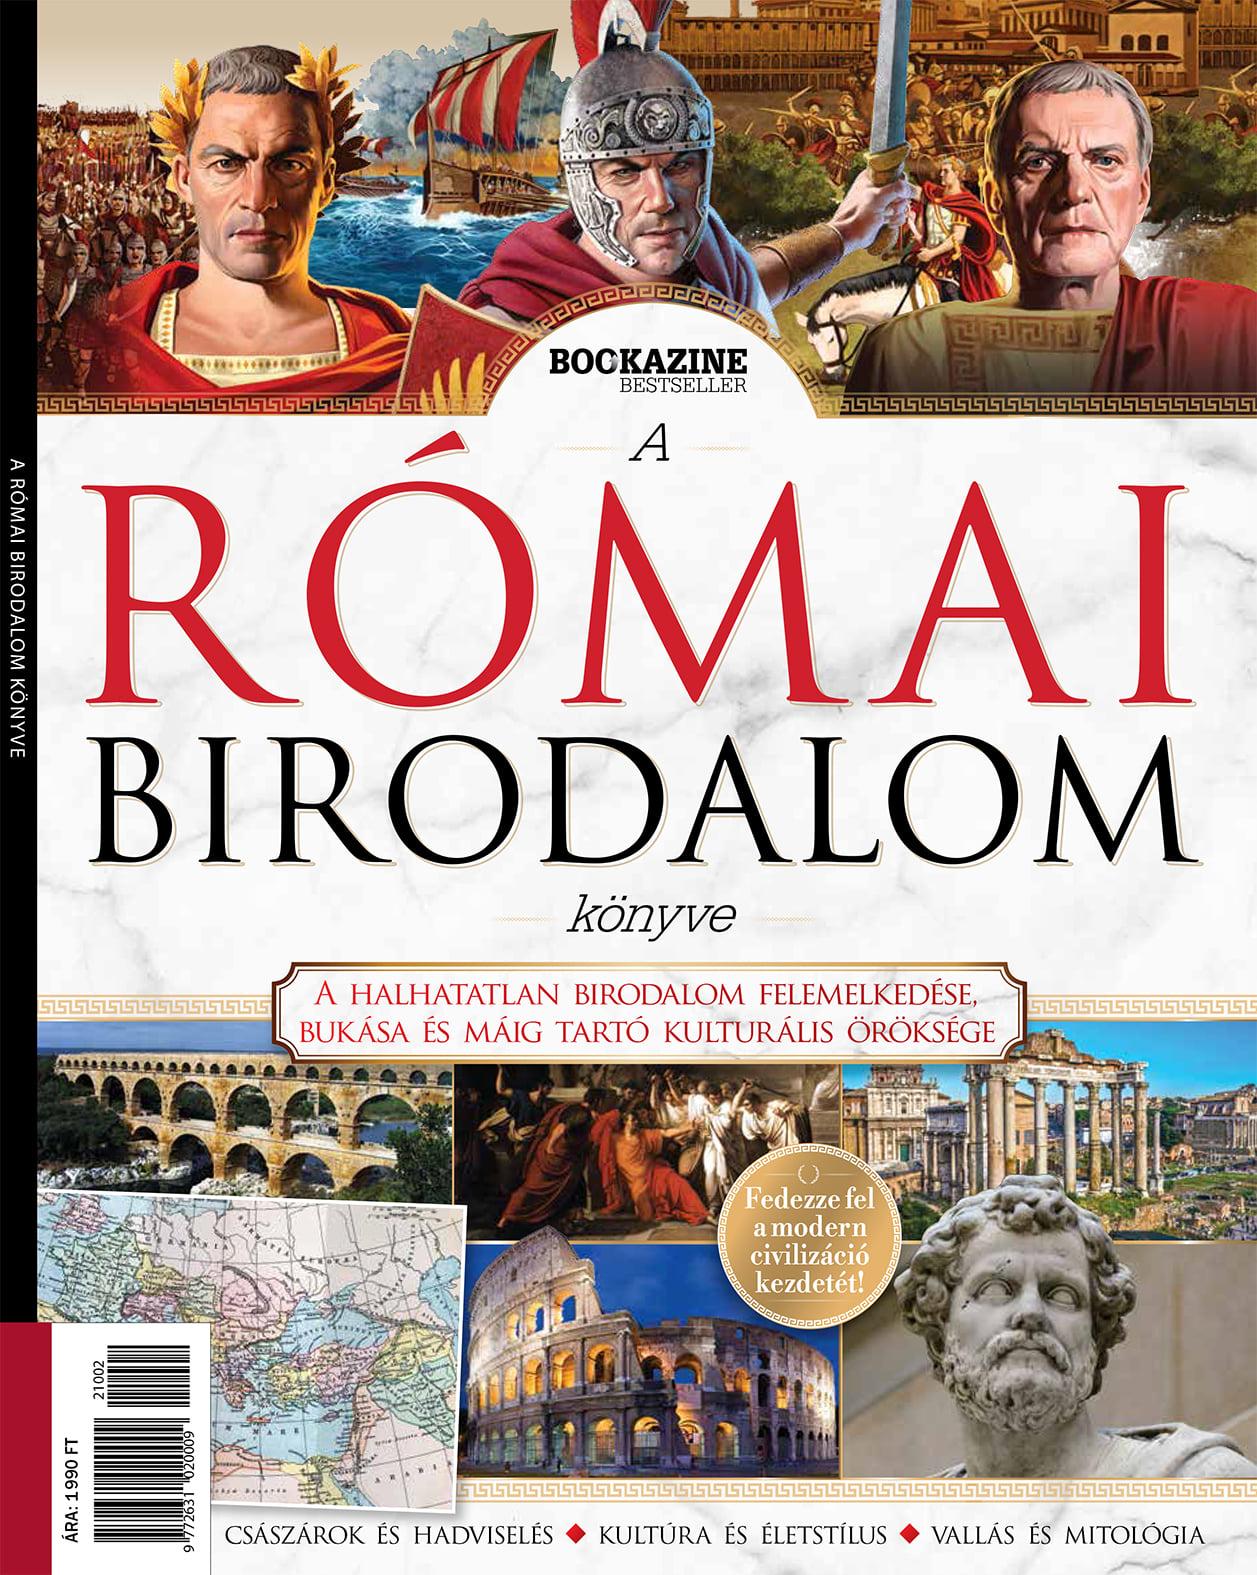 romaiak_bookazine_cimlap.jpg